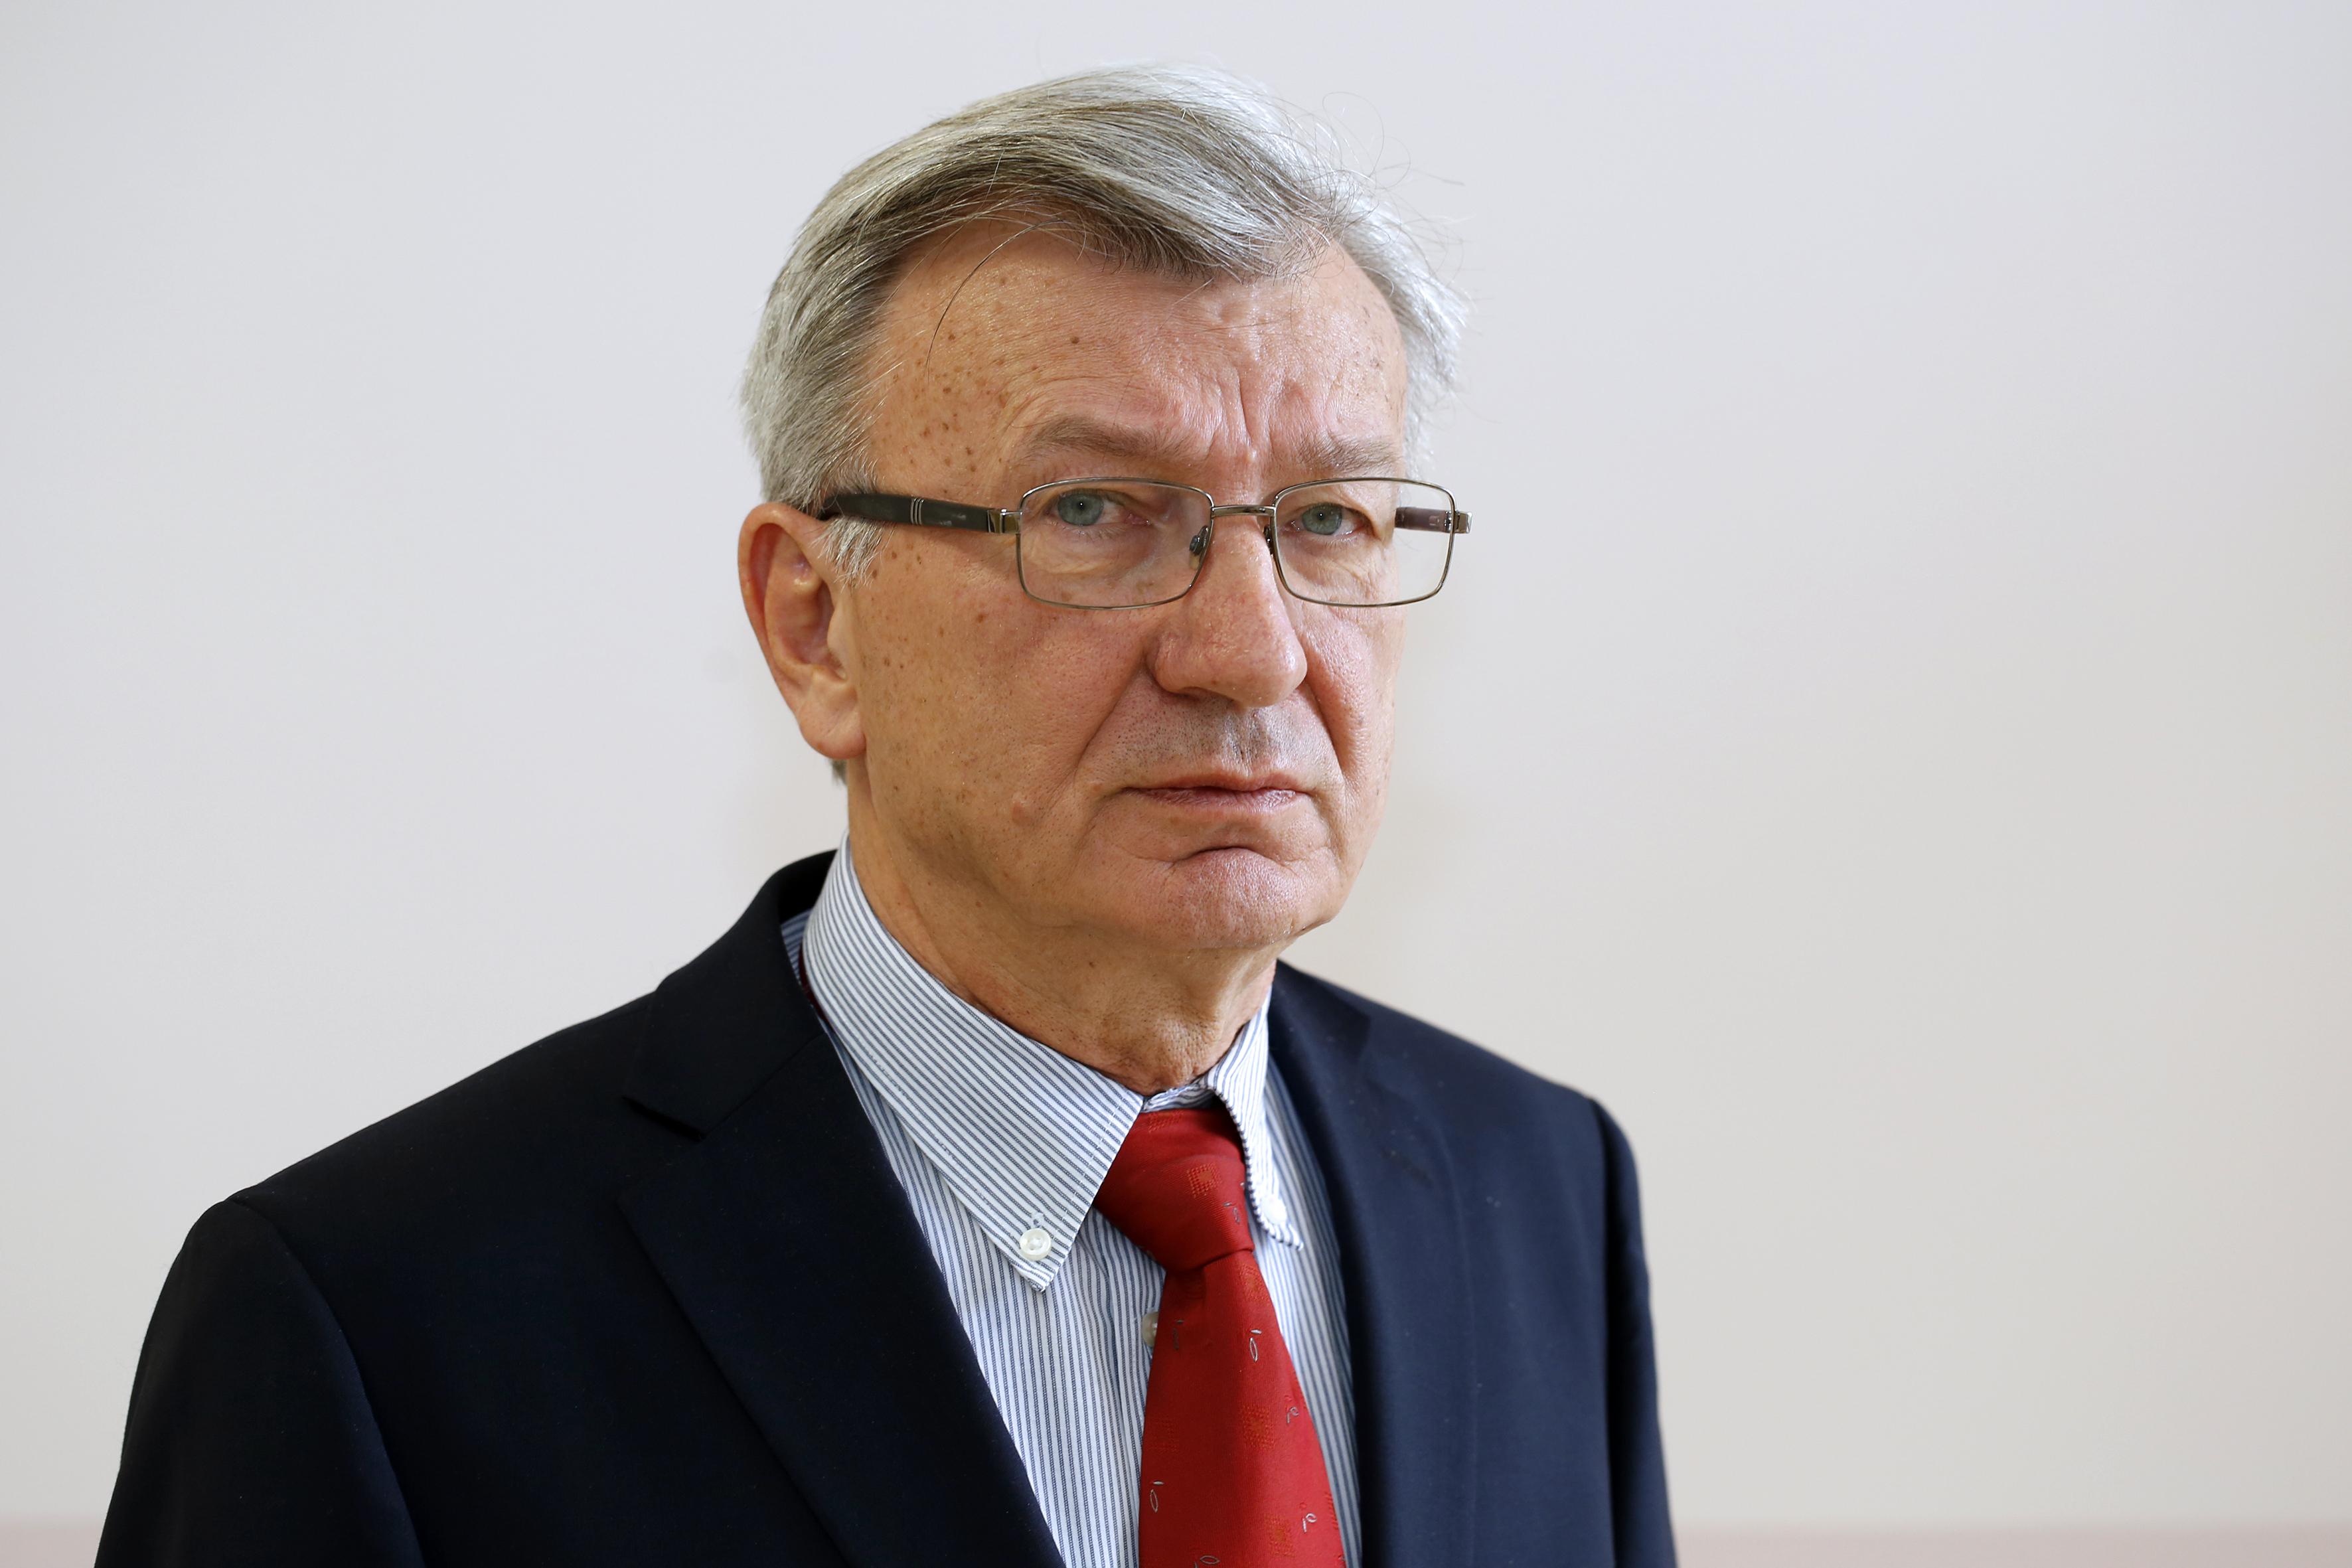 prof. dr. sc. Mladen Mimica